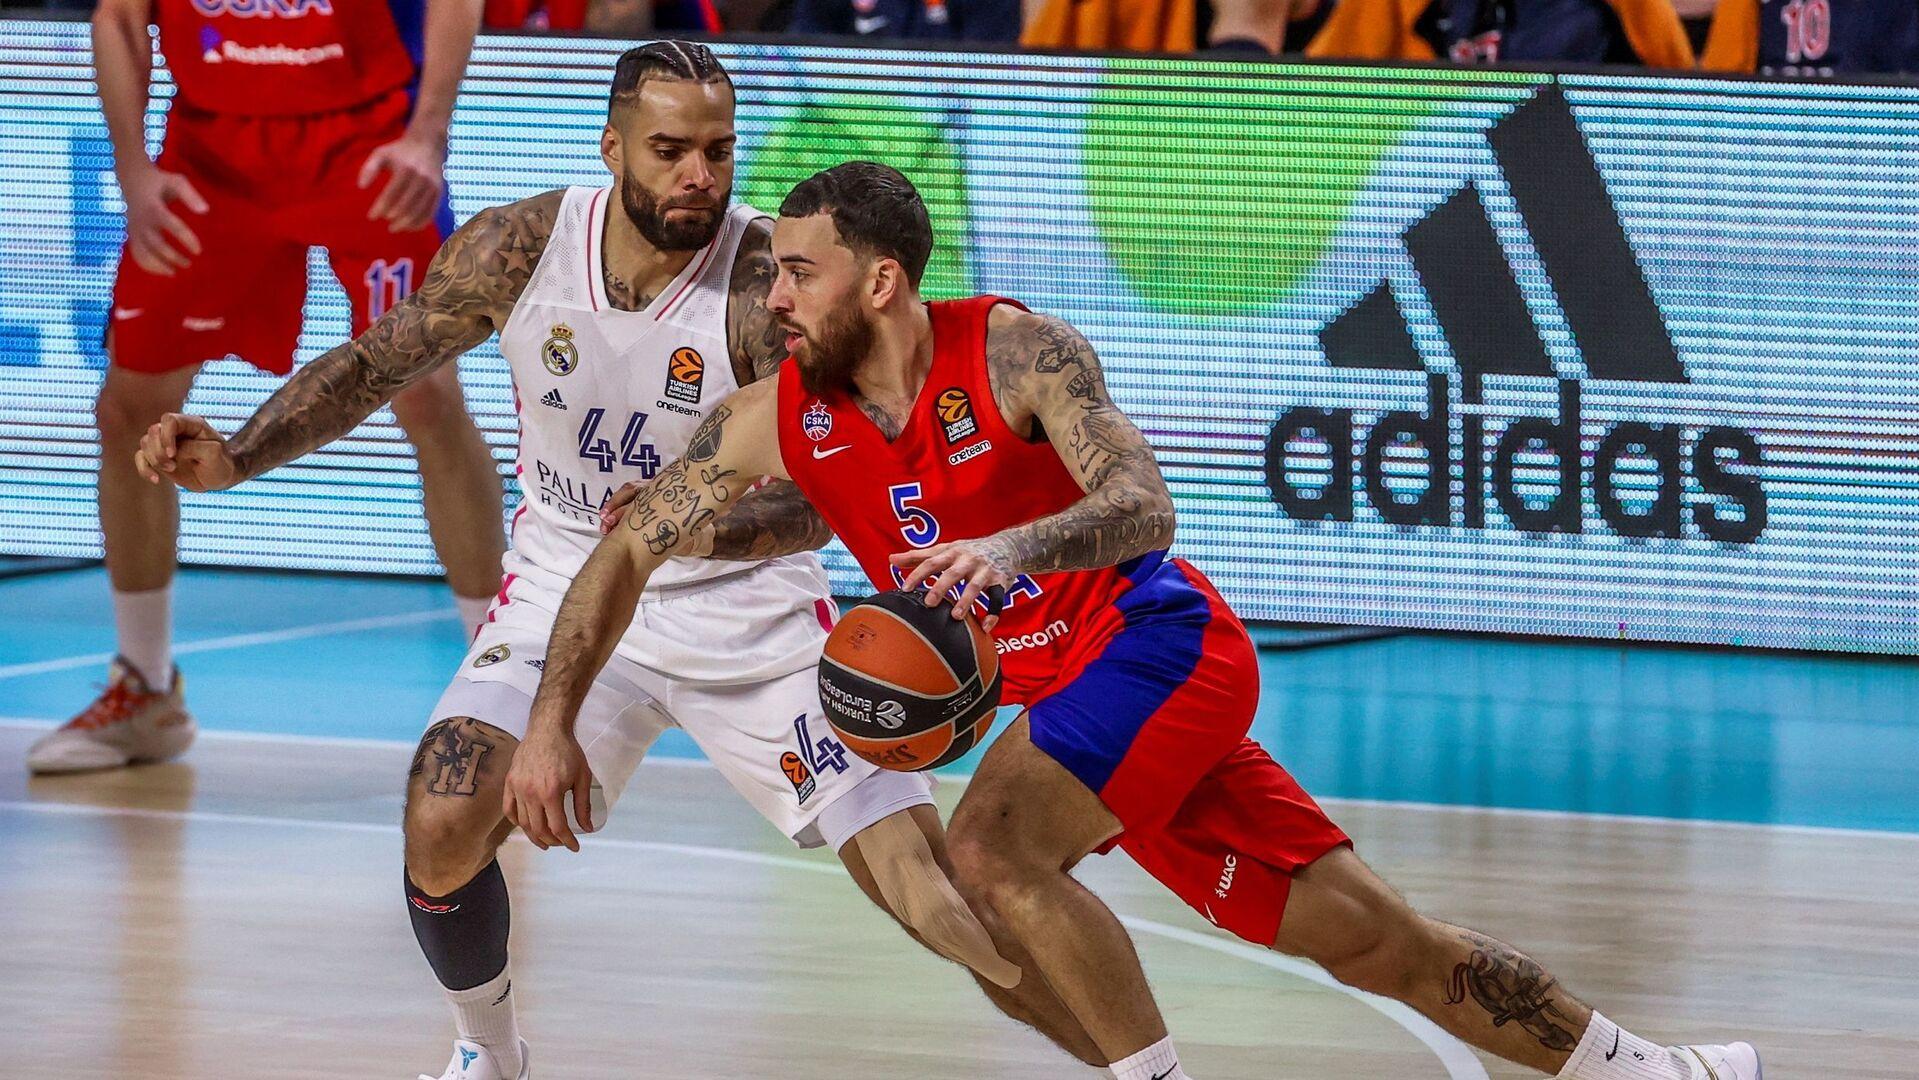 La derrota del Real Madrid ante el CSKA de Moscú la única derrota de los españoles